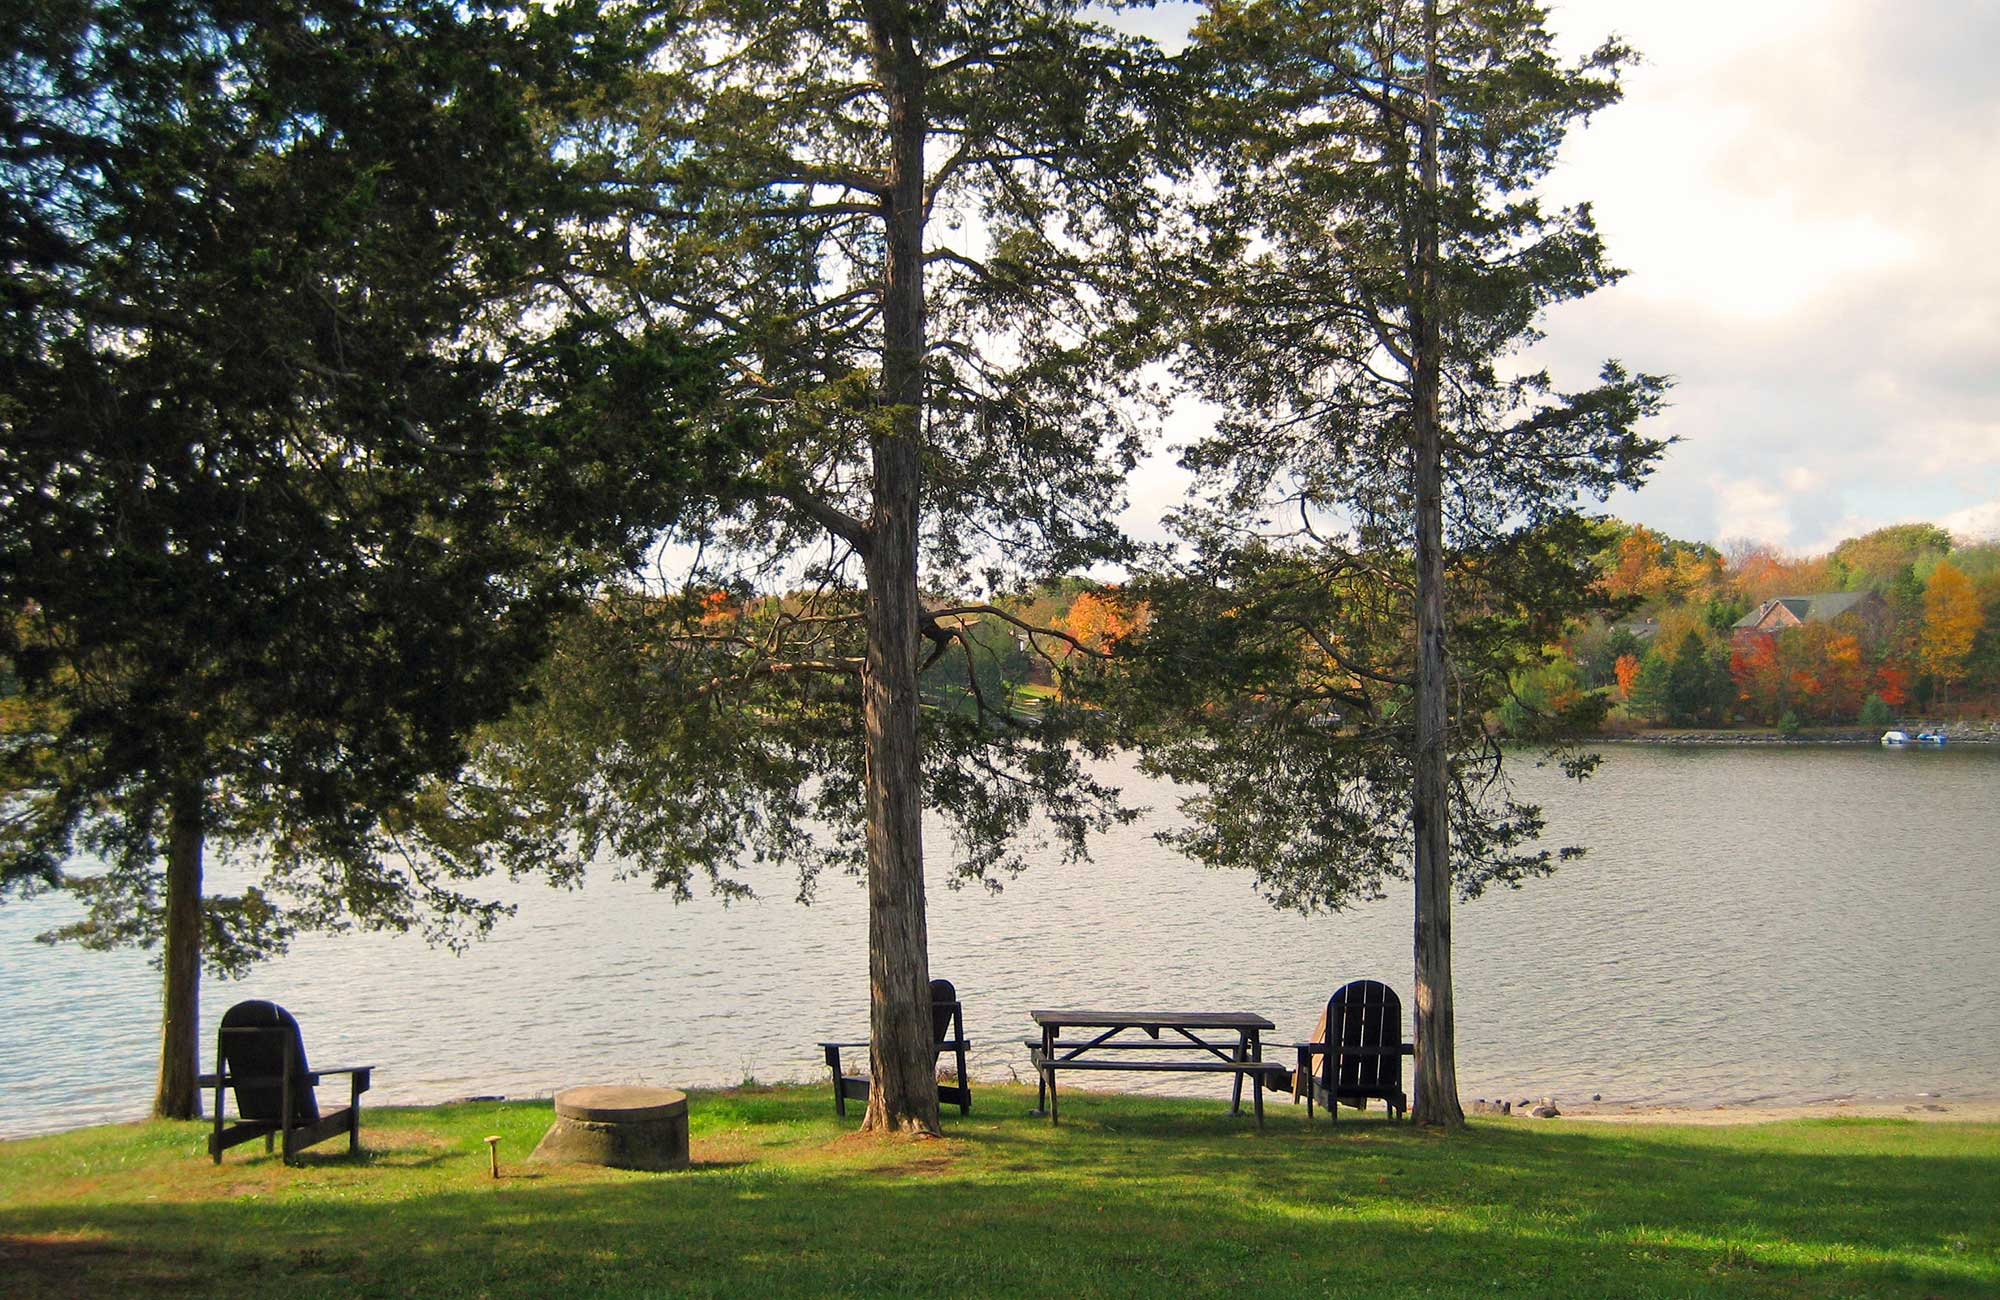 The Villas at Sleepy Hollow Lake